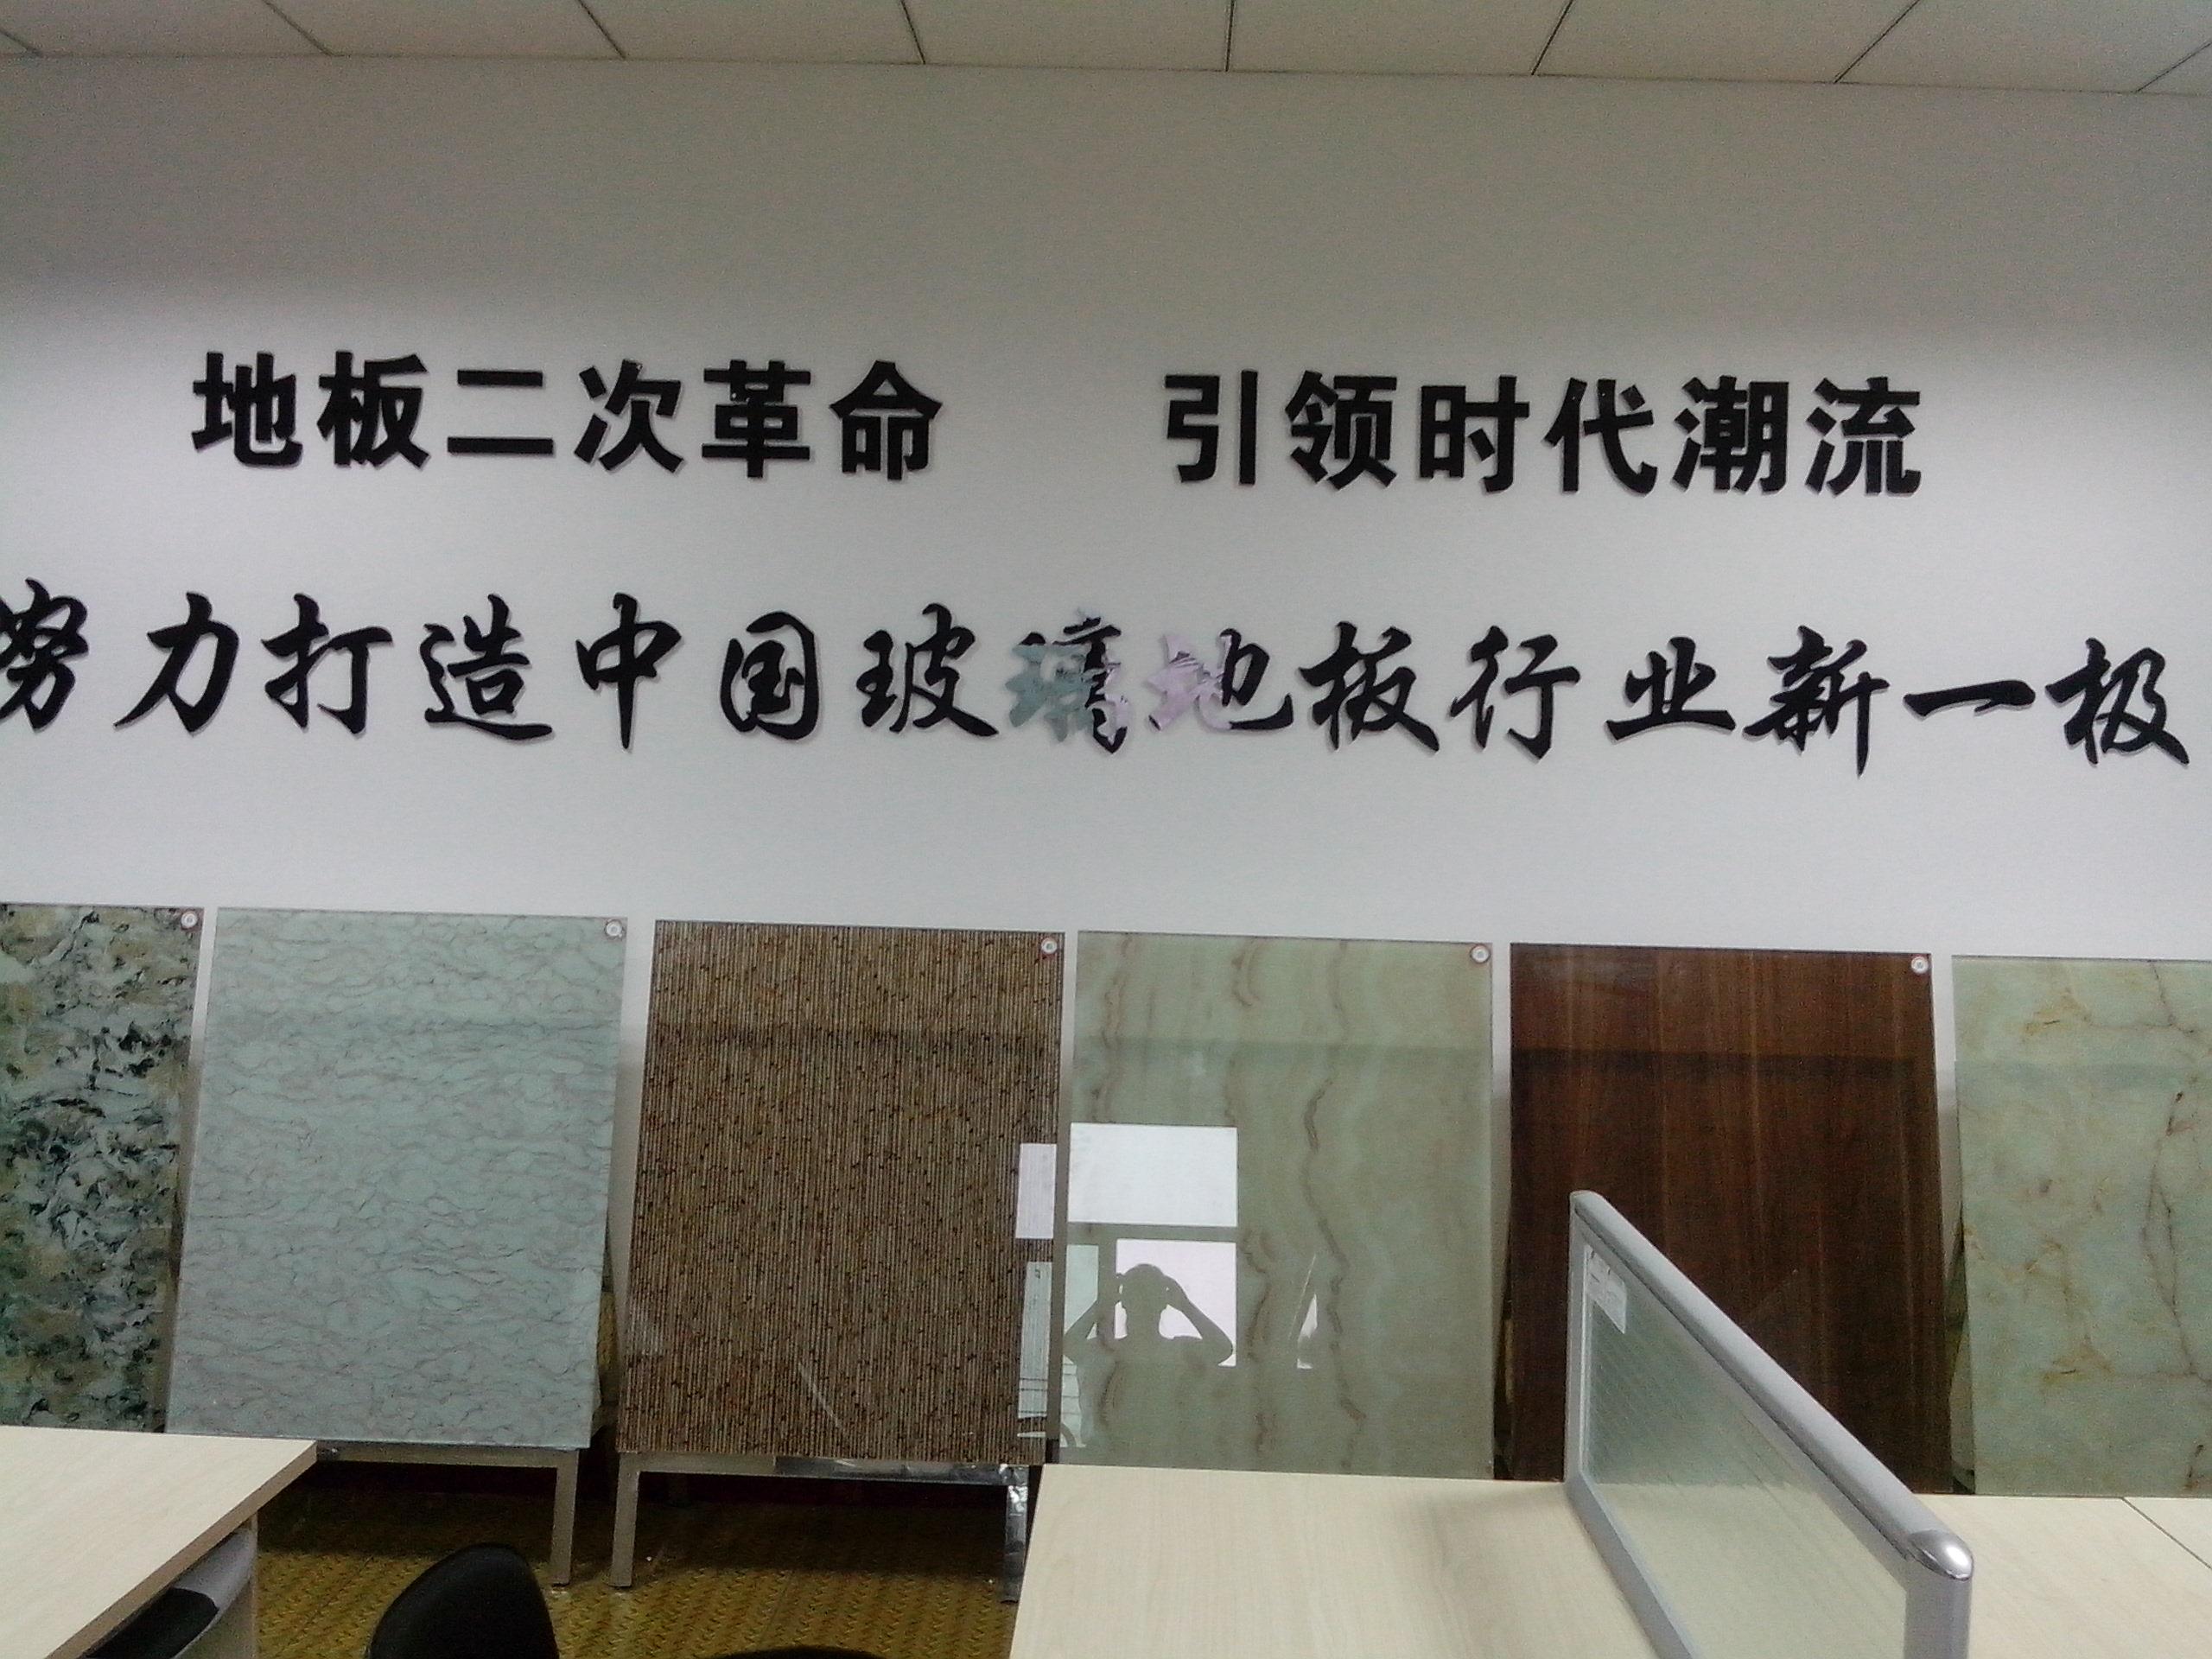 沧州丰德源玻璃地板有限公司